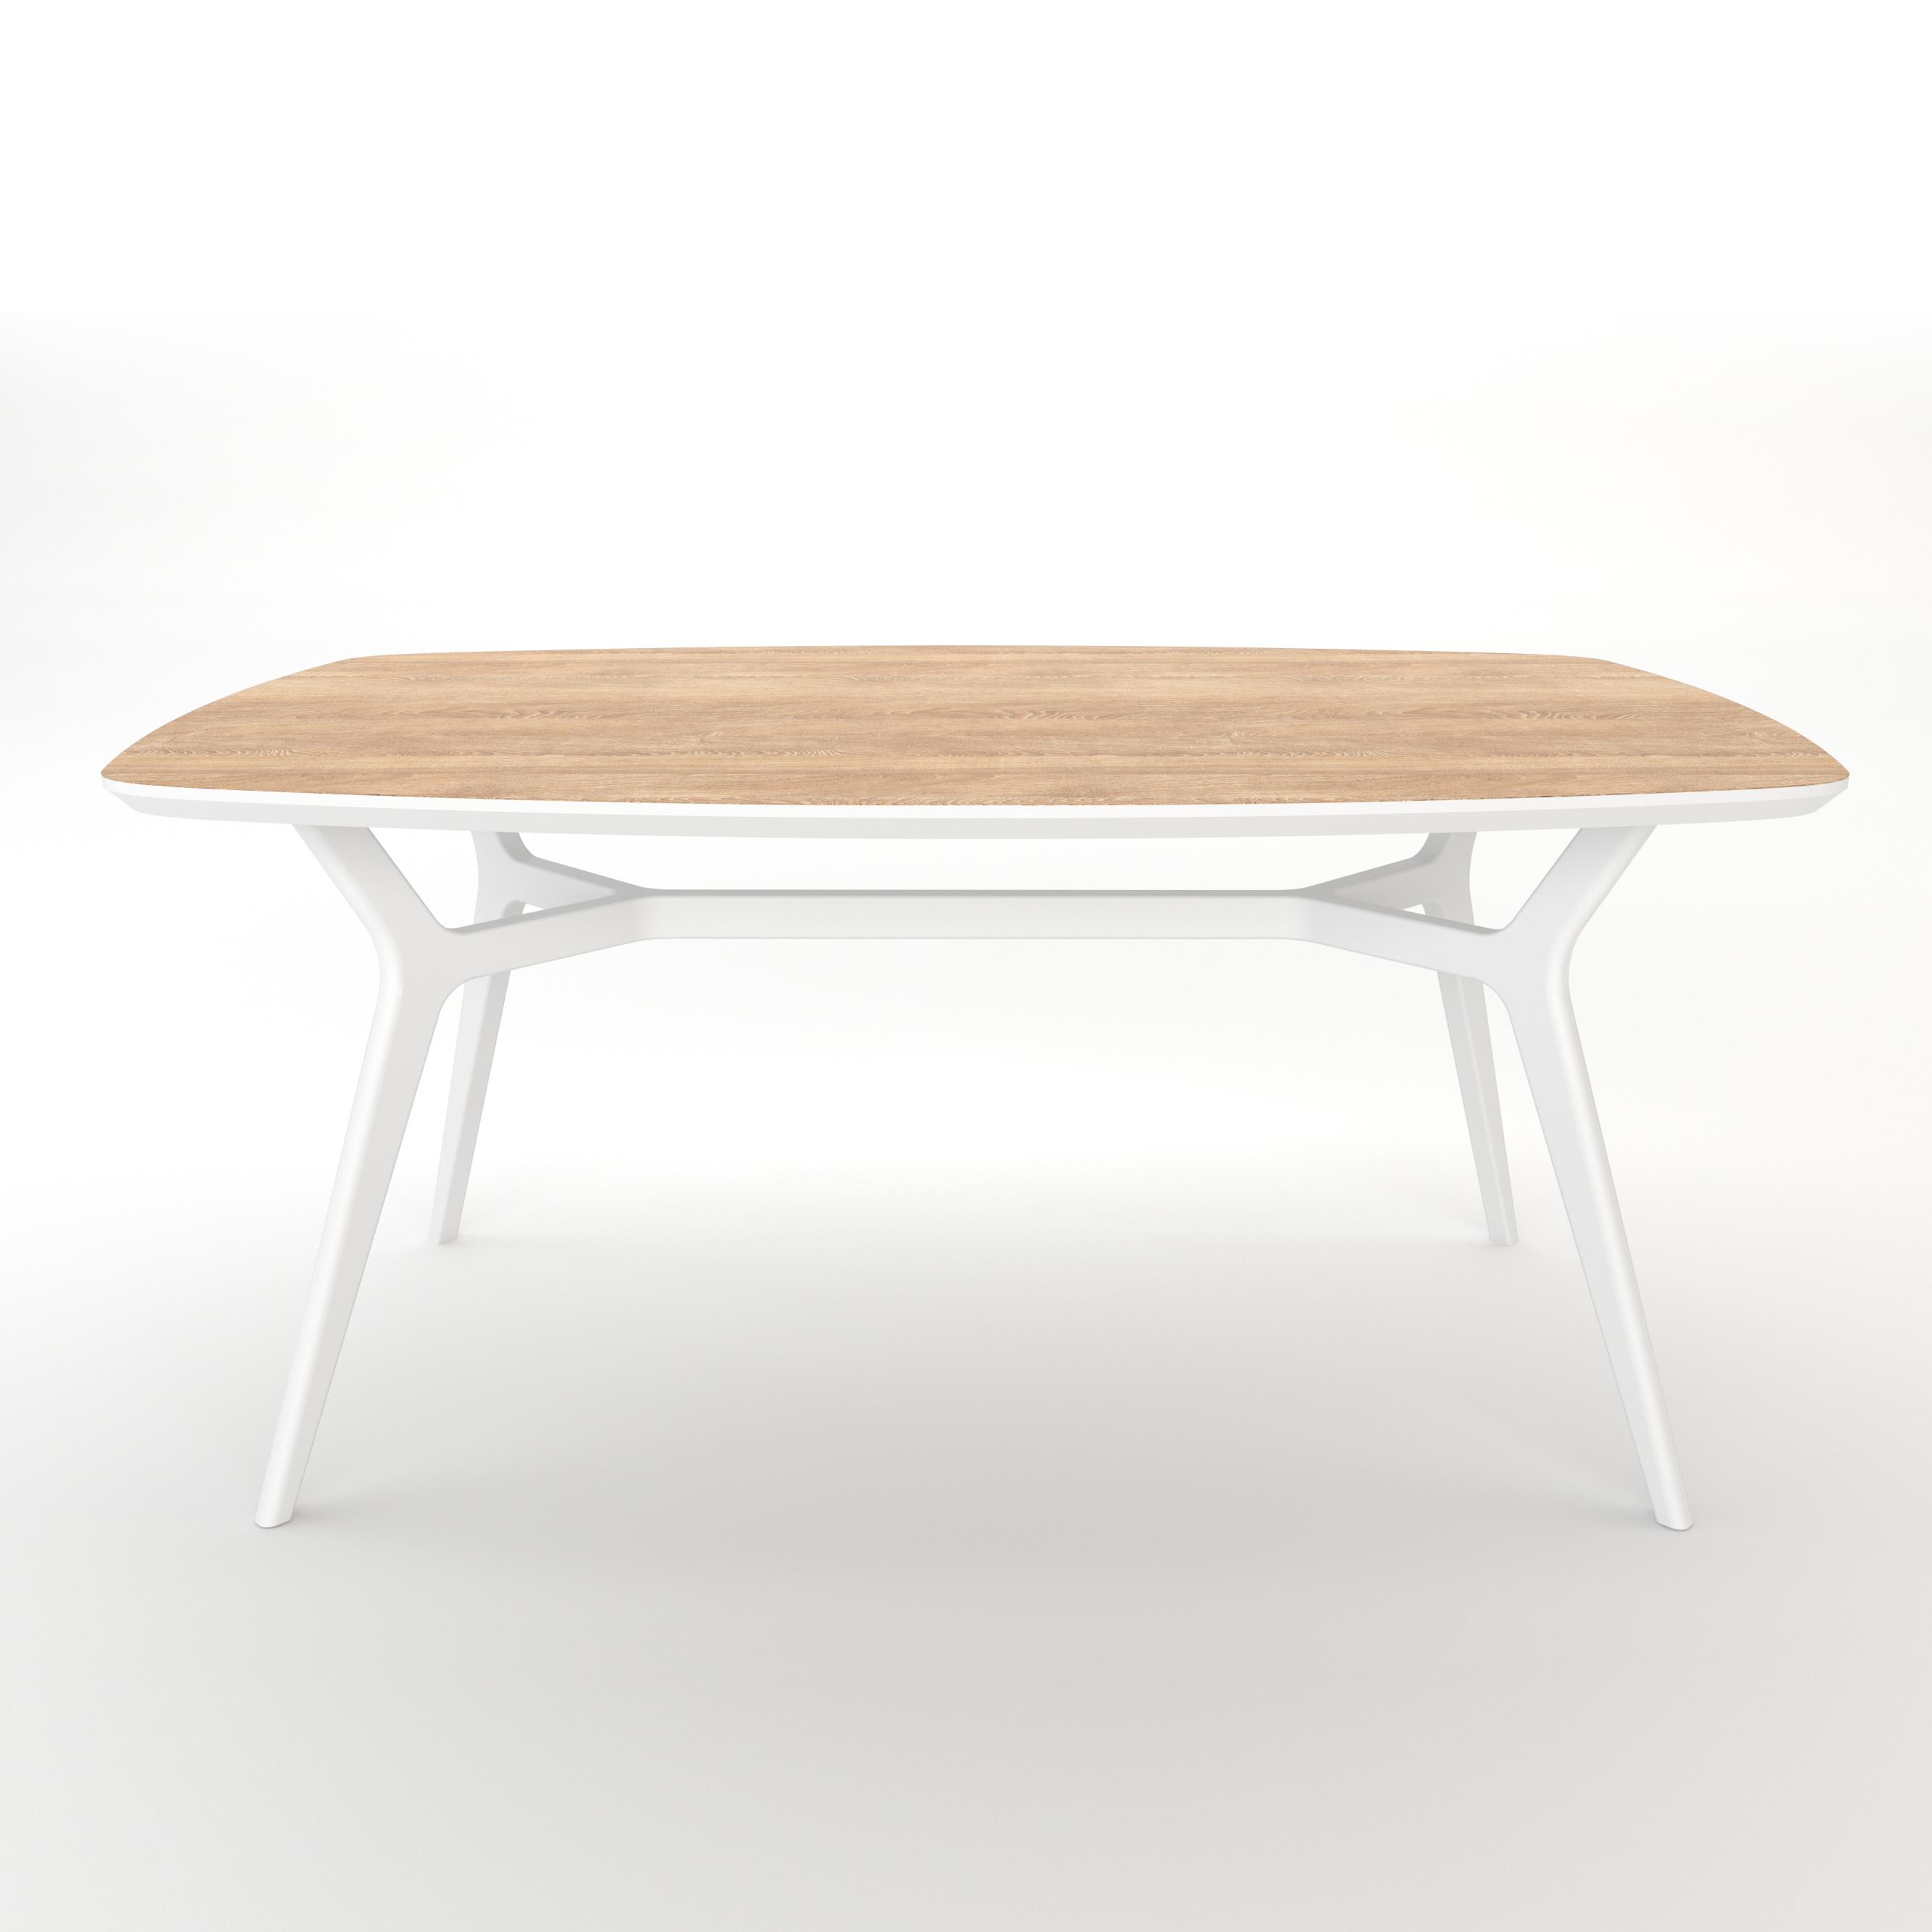 Стол JohannОбеденные столы<br>Тщательная проработка деталей и пропорций стола позволяет ему идеально вписаться в любой интерьер.&amp;lt;div&amp;gt;&amp;lt;br&amp;gt;&amp;lt;/div&amp;gt;&amp;lt;div&amp;gt;Отделка столешницы шпоном дуба, подстолье выкрашено в белый цвет. Сборка не требуется.  &amp;lt;/div&amp;gt;<br><br>Material: МДФ<br>Ширина см: 180.0<br>Высота см: 75.0<br>Глубина см: 100.0